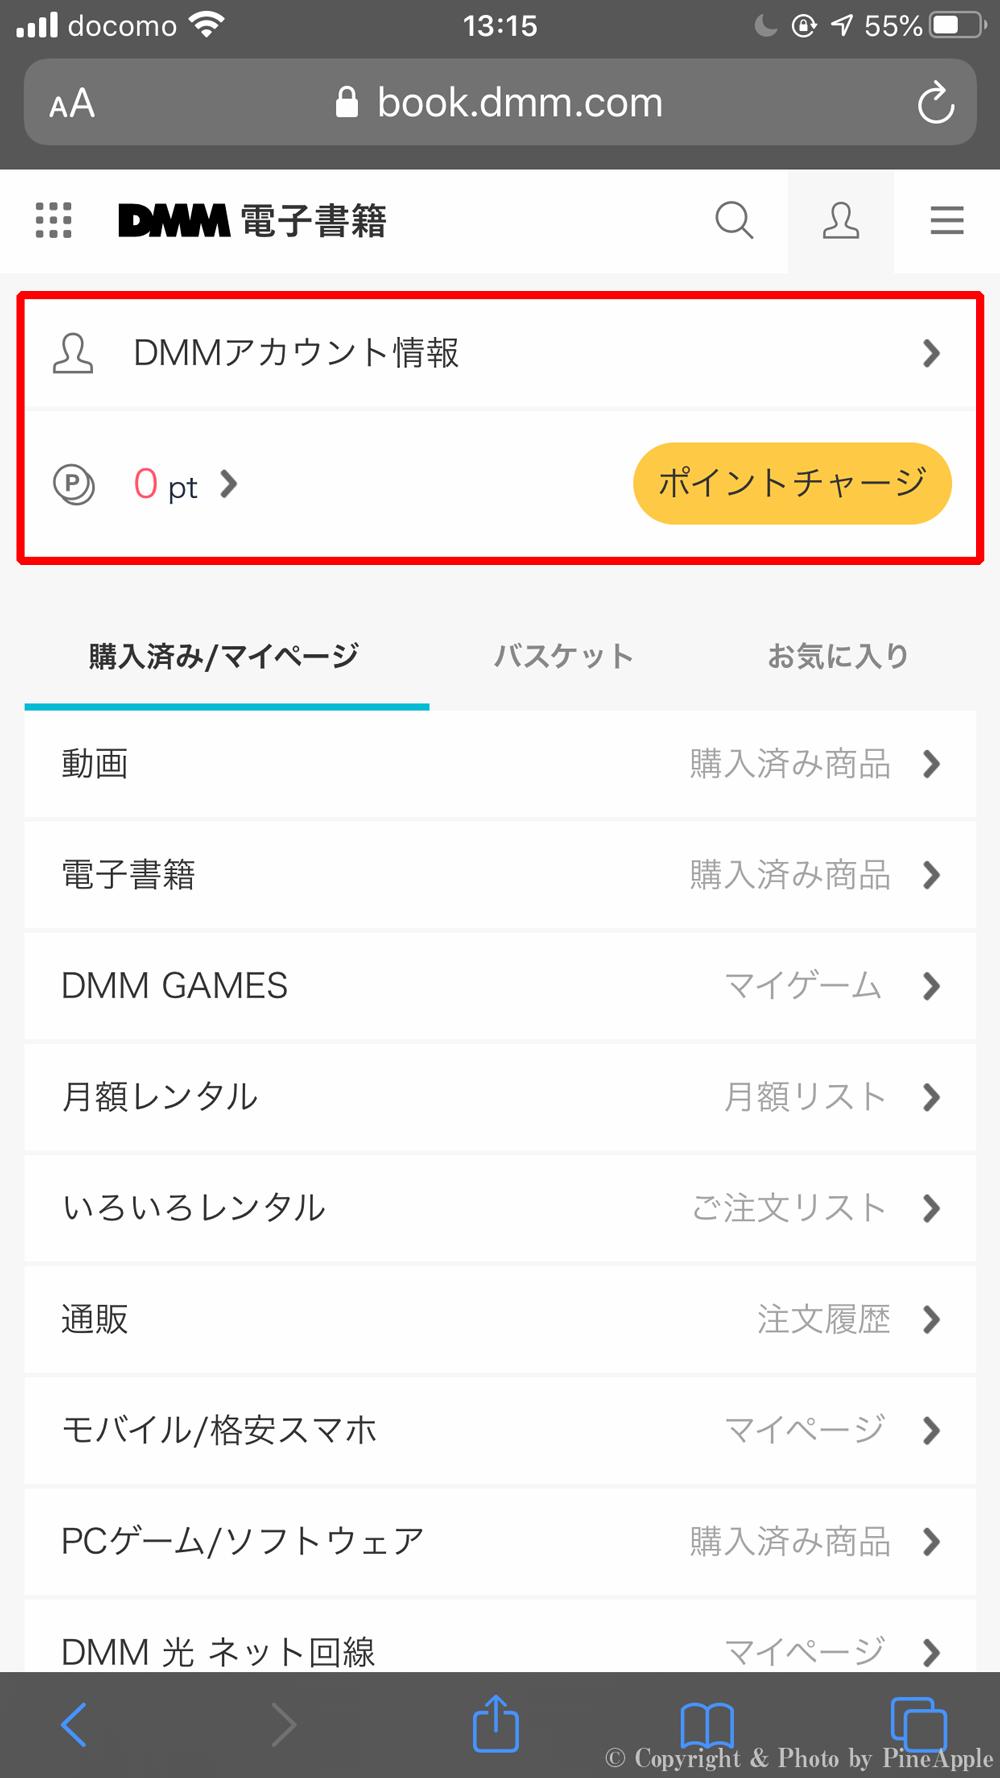 DMM アカウント:「DMM アカウント登録」または、「ログイン」と表示されていた画面が「DMM アカウント情報」、「0 pt >」、「ポイントチャージ」の画面に切り替わるので、これで「DMM アカウント」の登録は完了